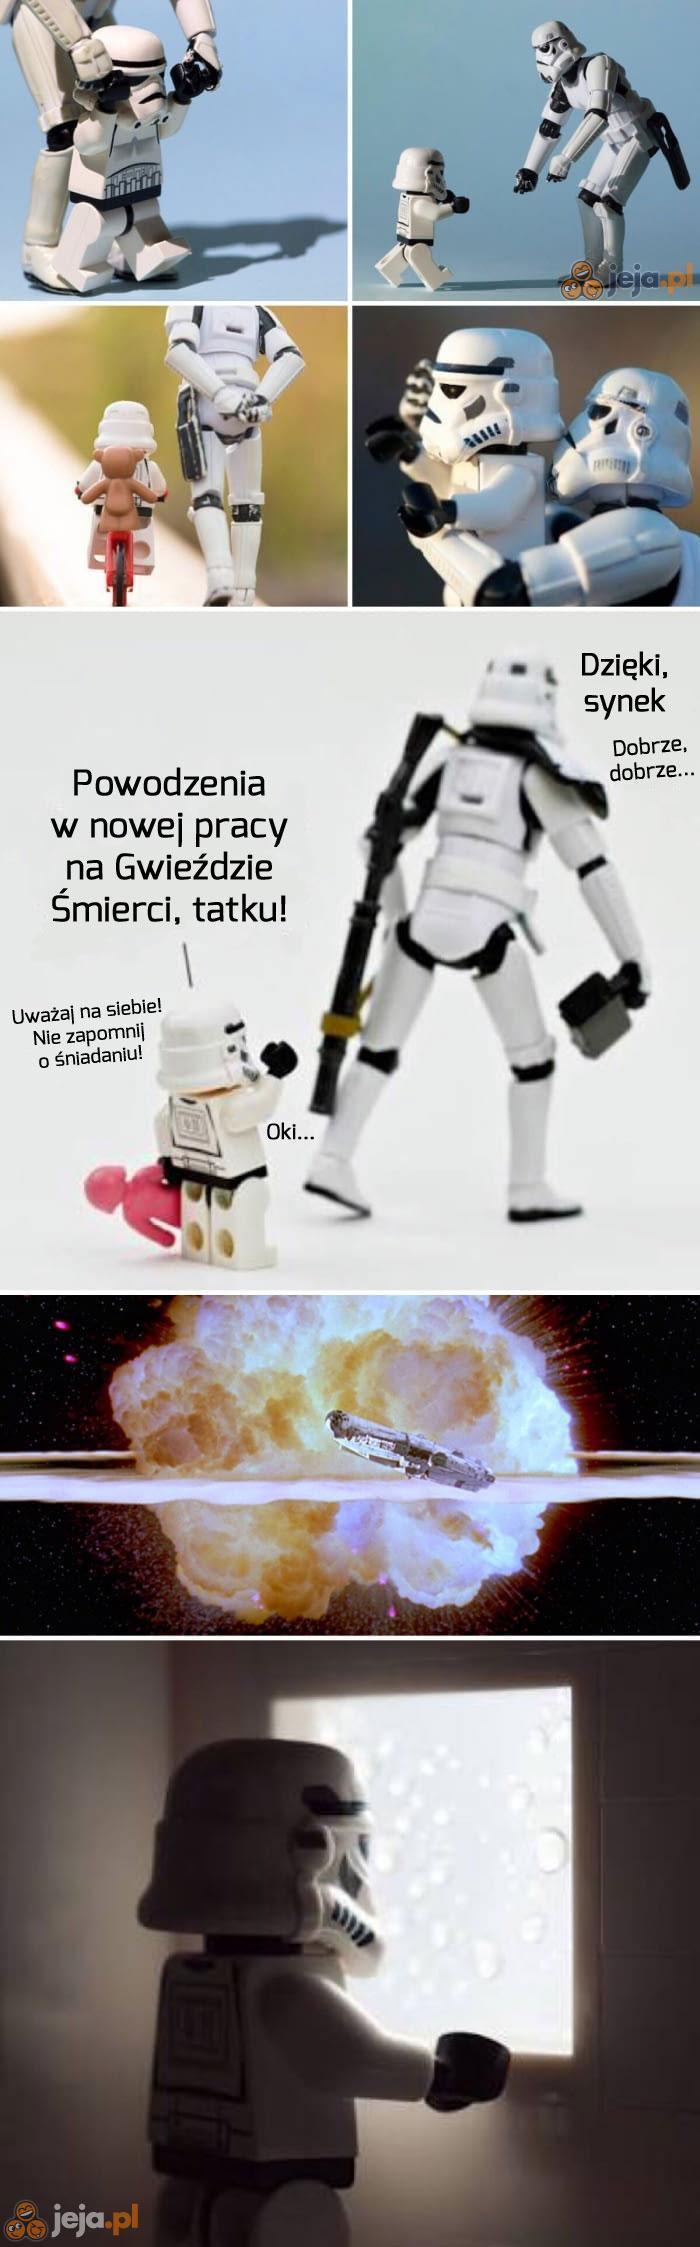 Prawdziwa historia